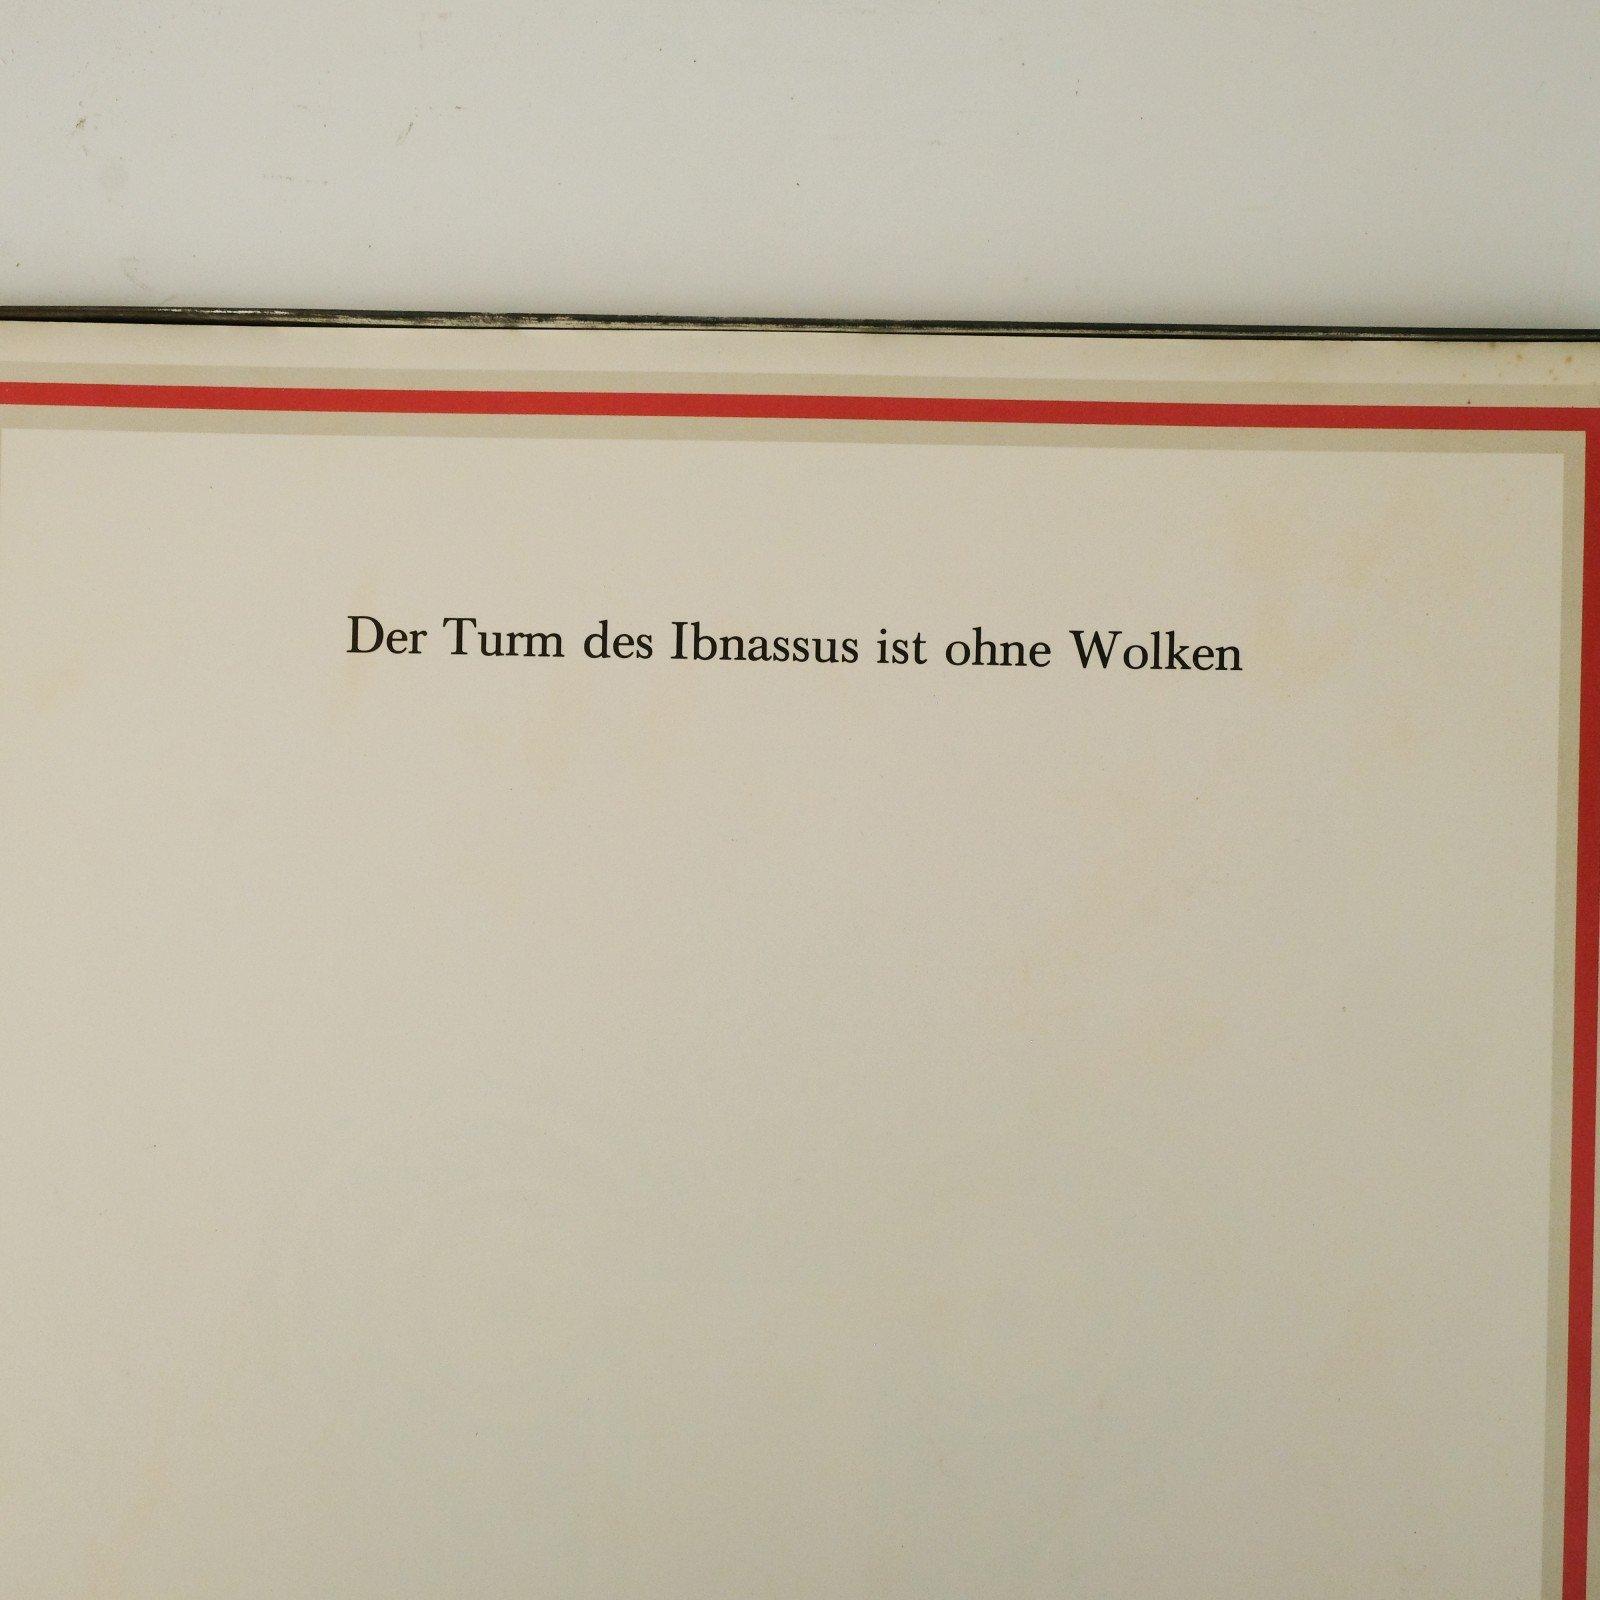 Jörg Remé (1941) - Der Turm des Ibnassus ist ohne Wolken